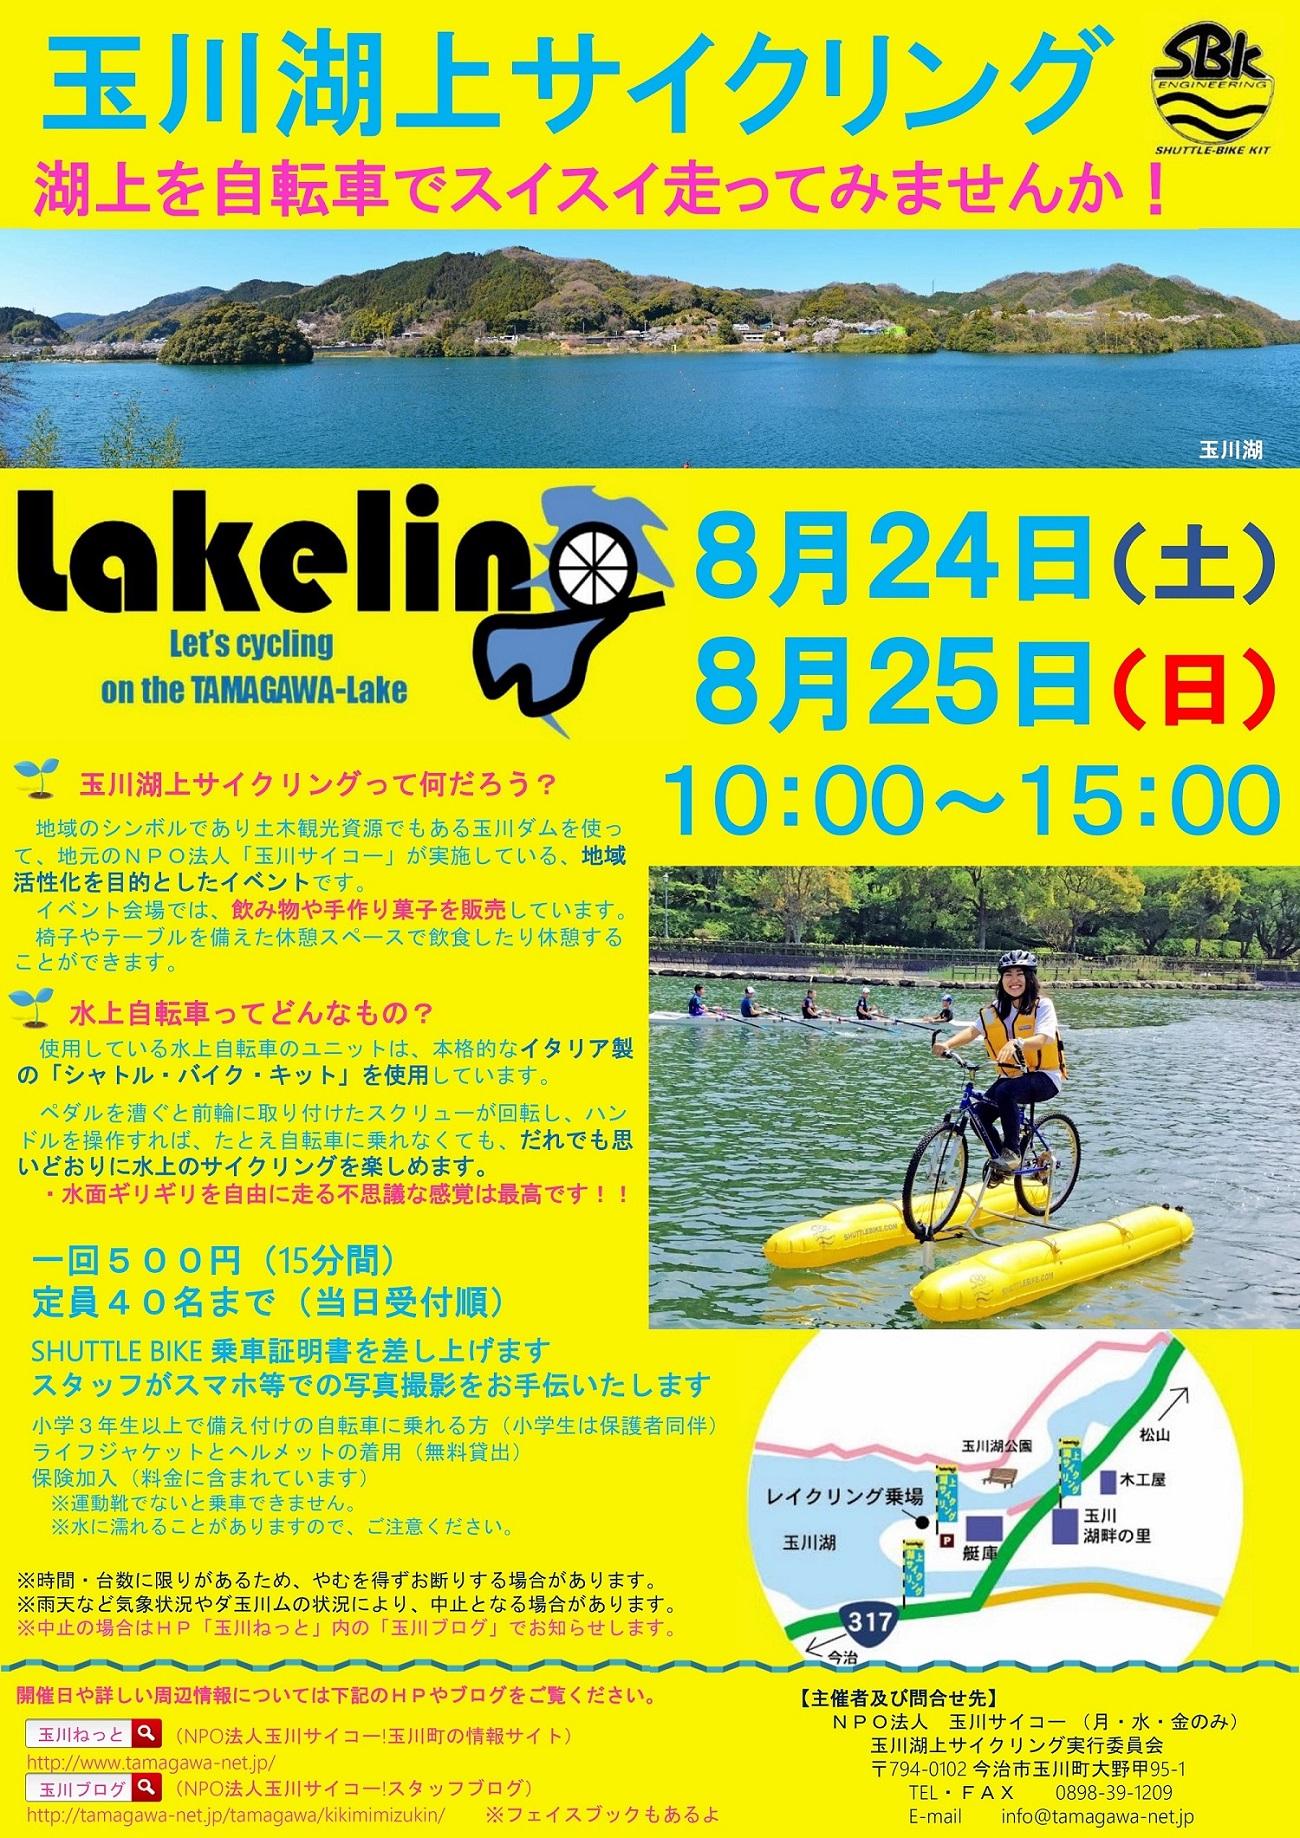 玉川湖上サイクリング開催案内